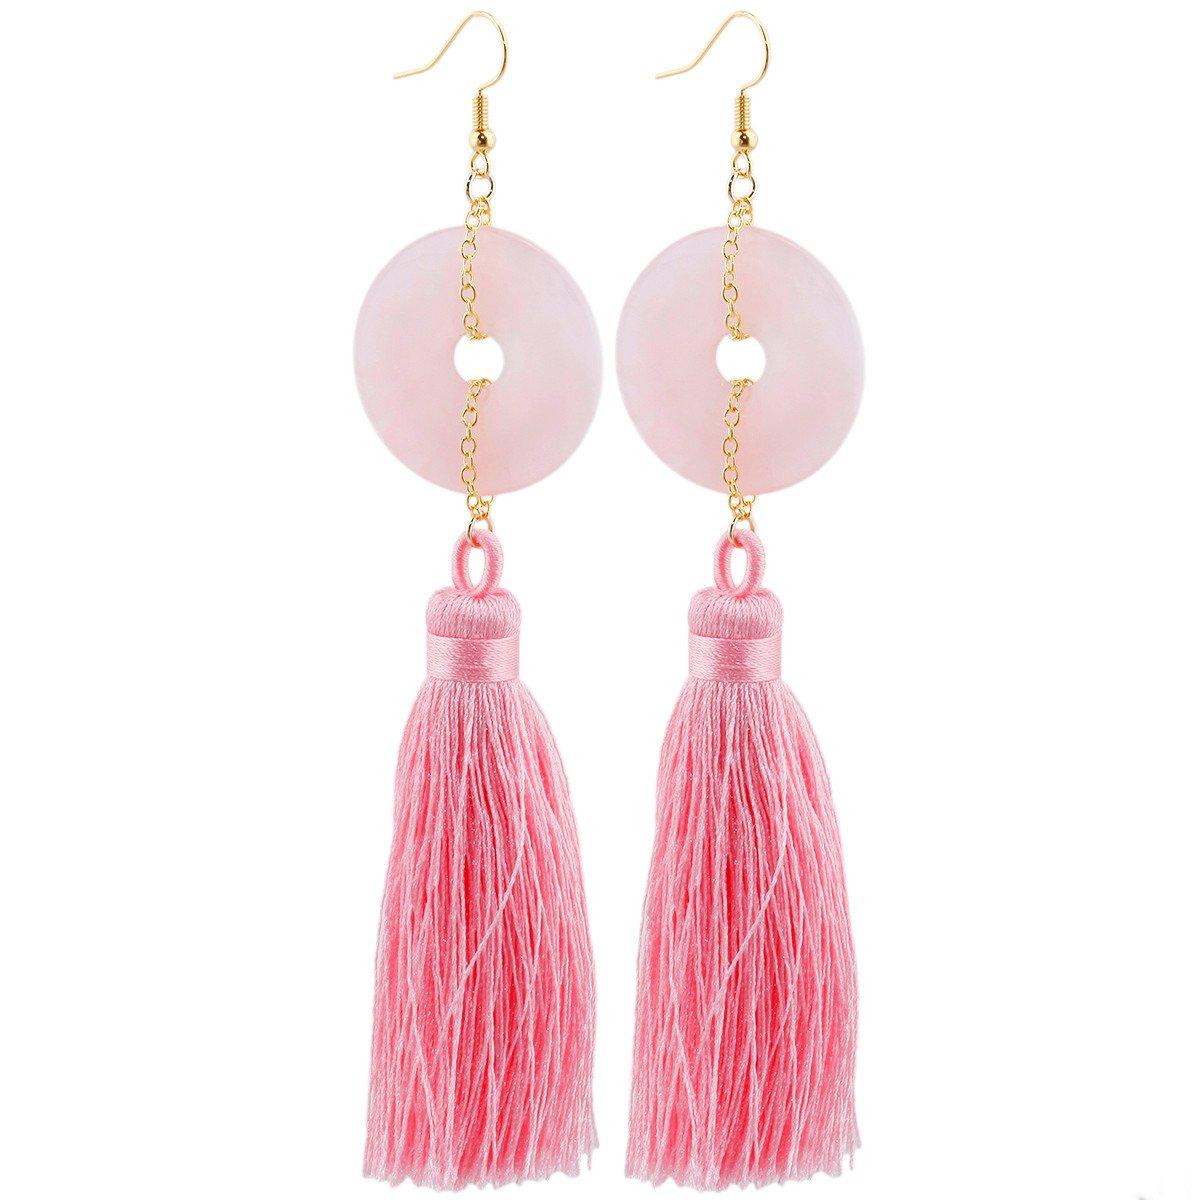 SUNYIK Rose Quartz Round Donut Amulet Tassel Dangle Earrings for Women